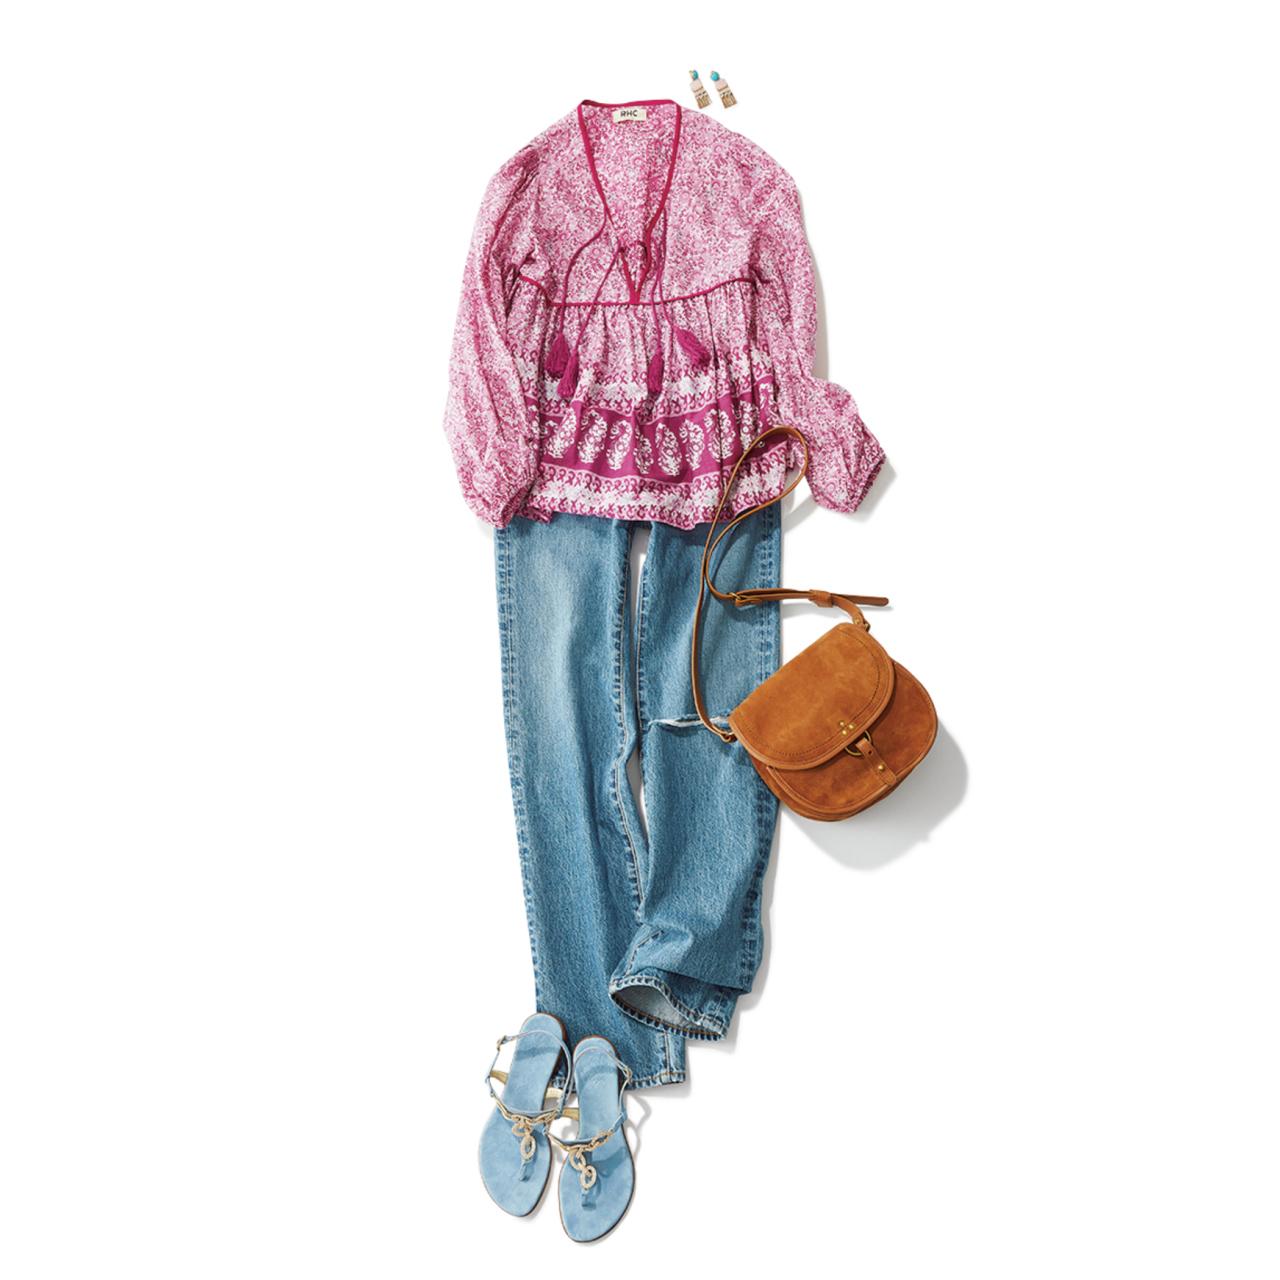 華やか柄トップス×デニムパンツのファッションコーデ